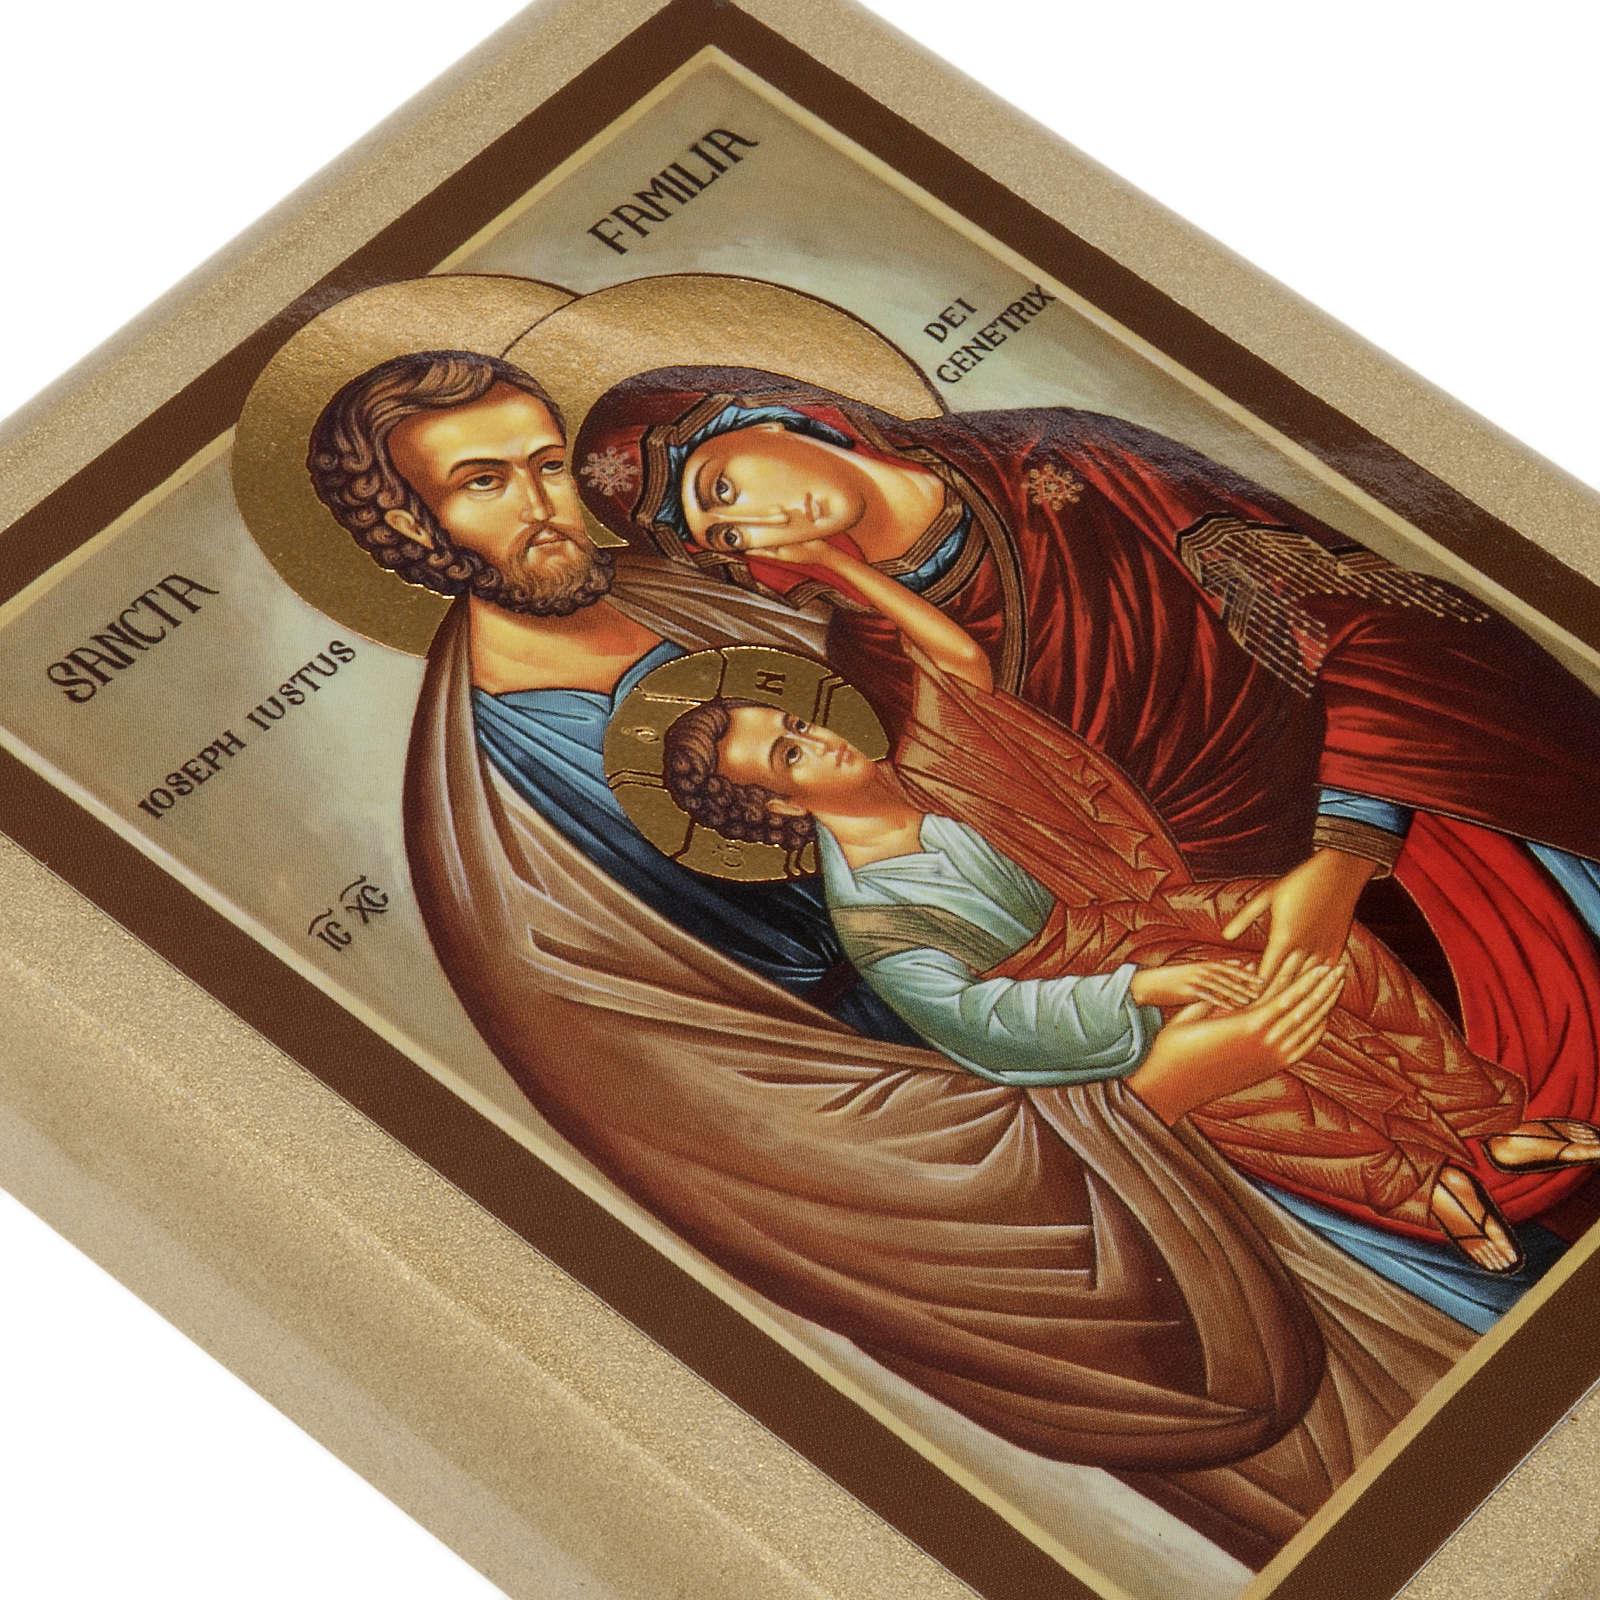 Cuadro Sagrada Familia marco marrón 3